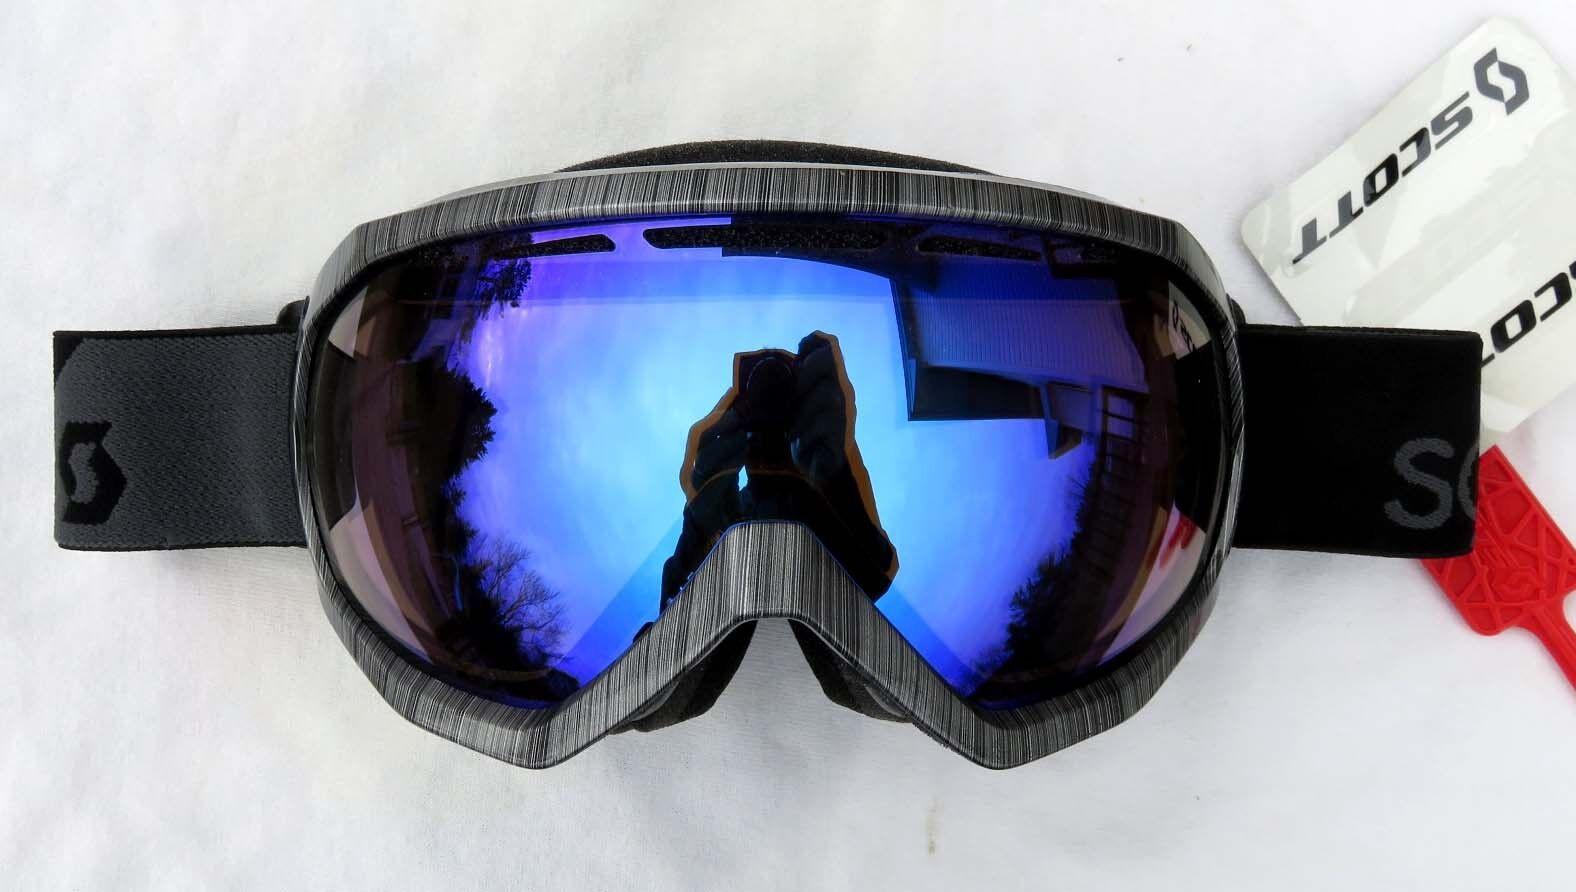 120 Scott Mens Notice OTG Over The Glasses Steel Grey Ski Goggles Illuminator